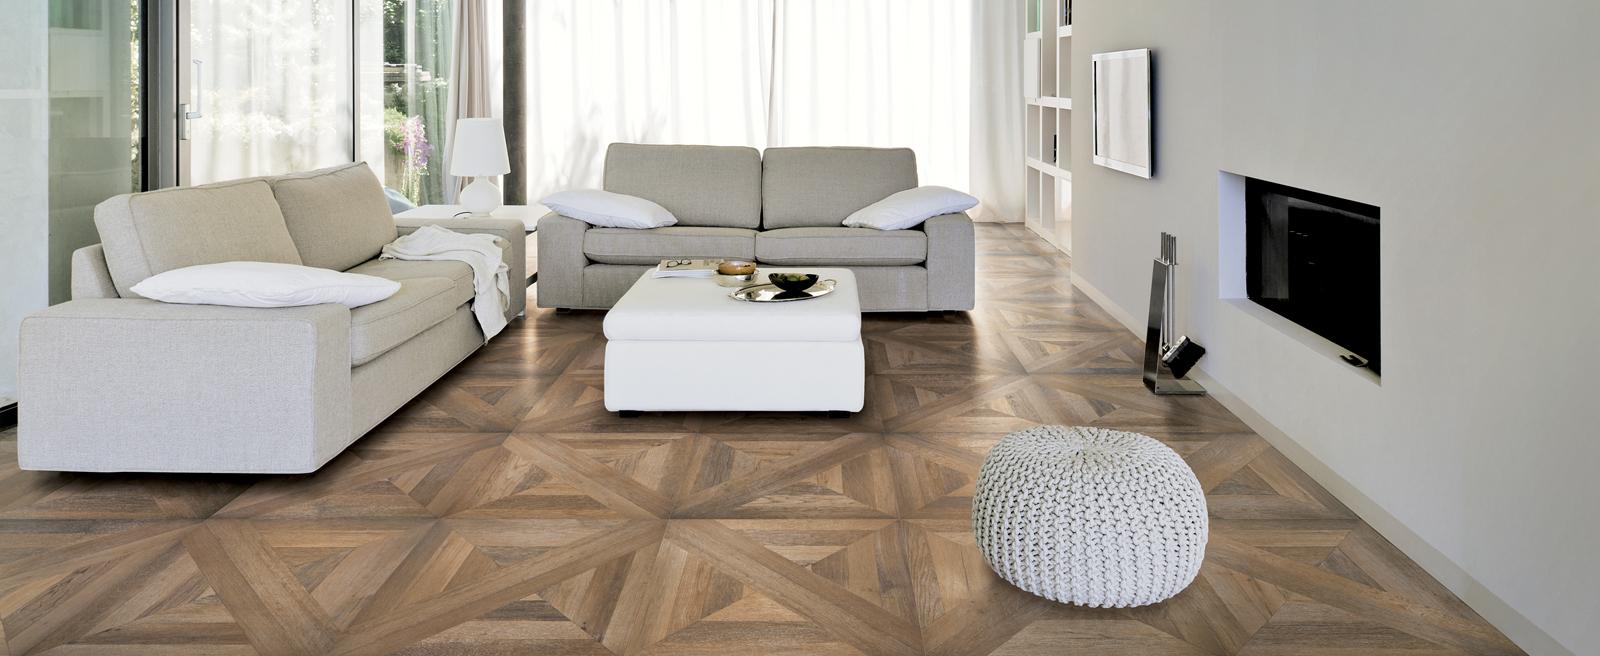 Dalle Ceramique Imitation Bois mansion: carrelage imitation parquet de versailles